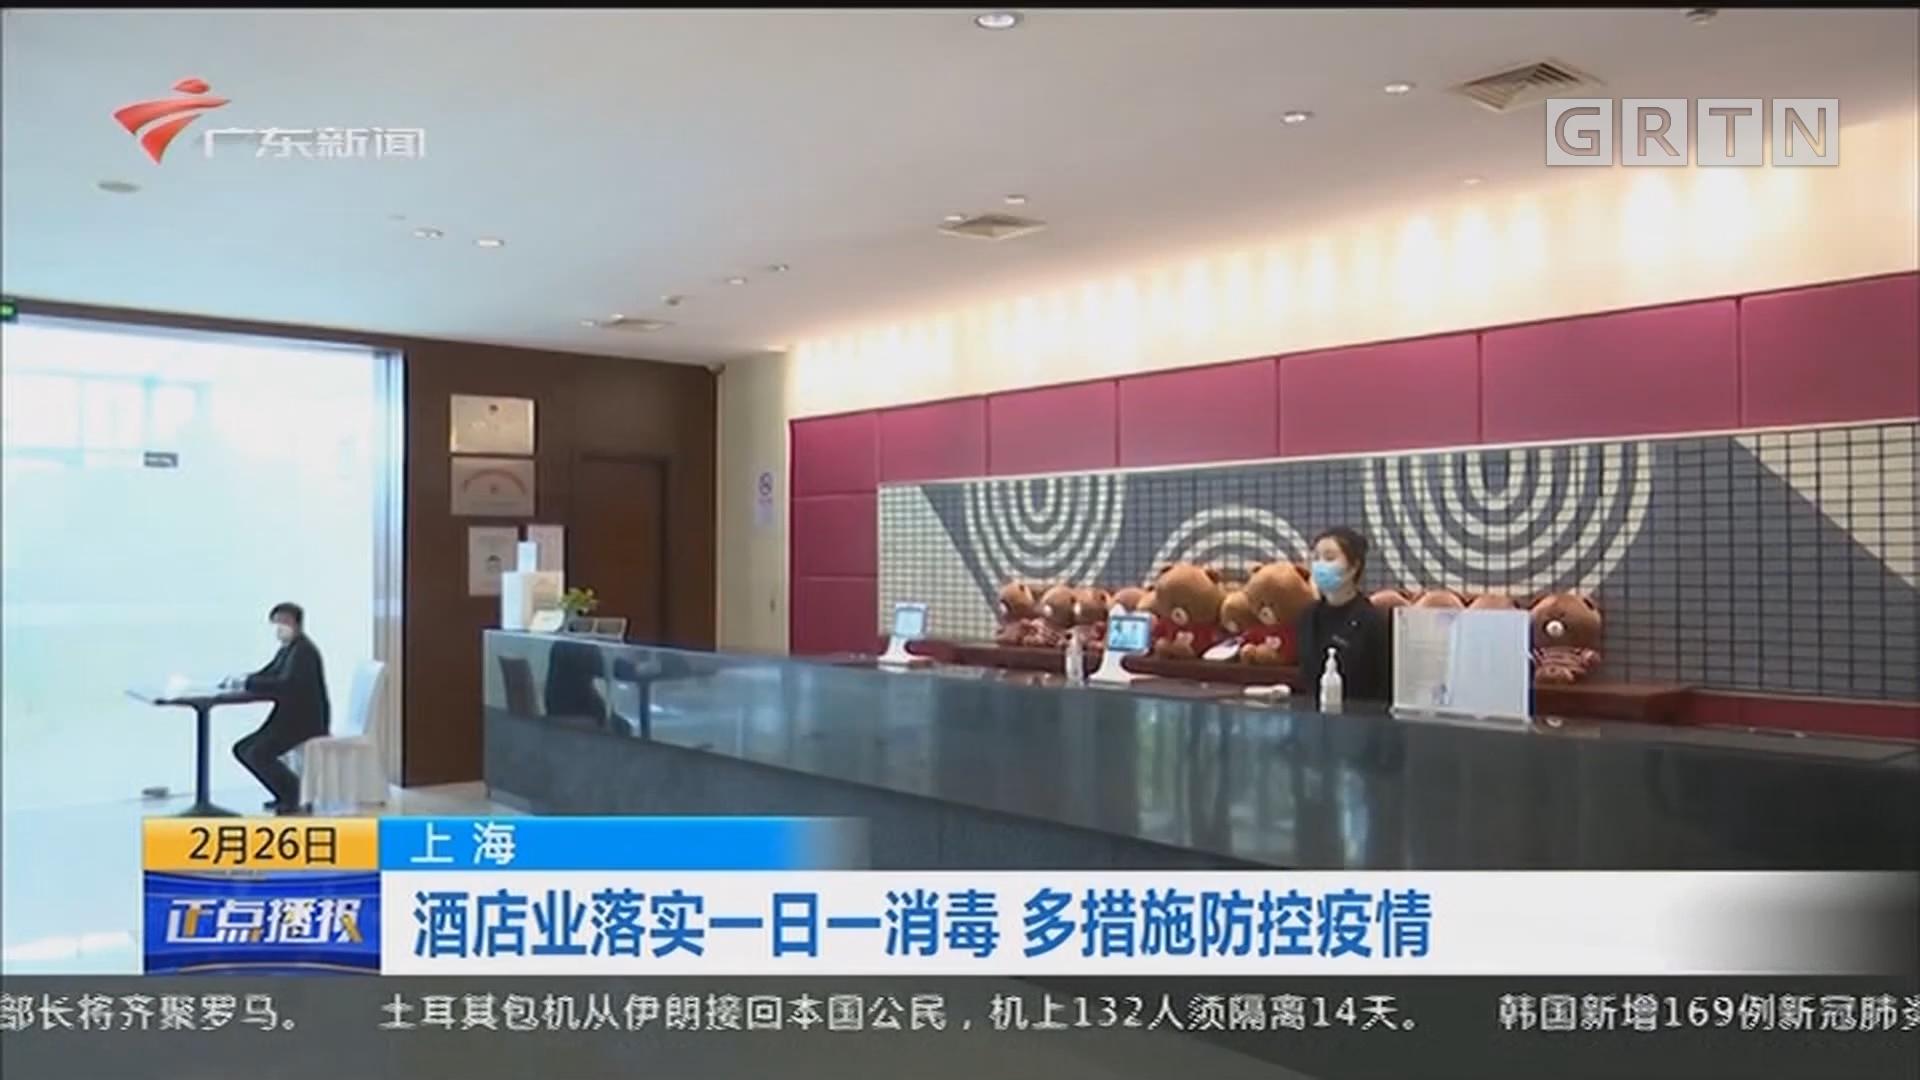 上海:酒店业落实一日一消毒 多措施防控疫情